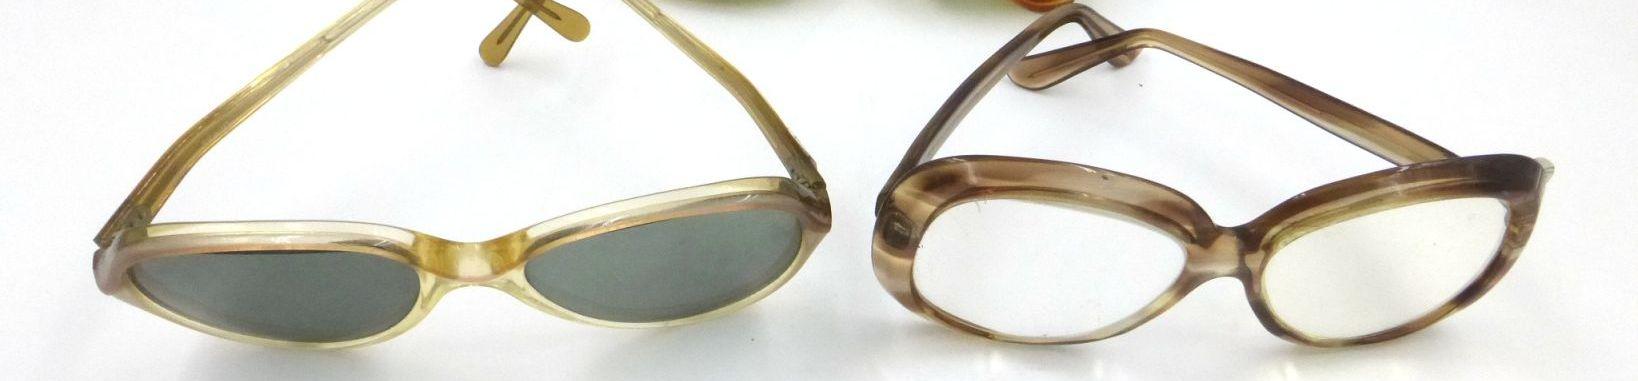 שלוש מסגרות משקפיים שנות ה50-60